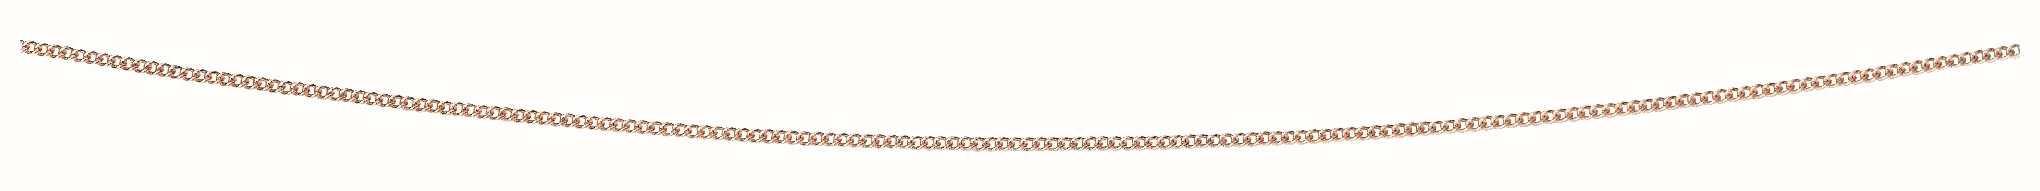 9k Rose Gold Dia Cut Chain GN219